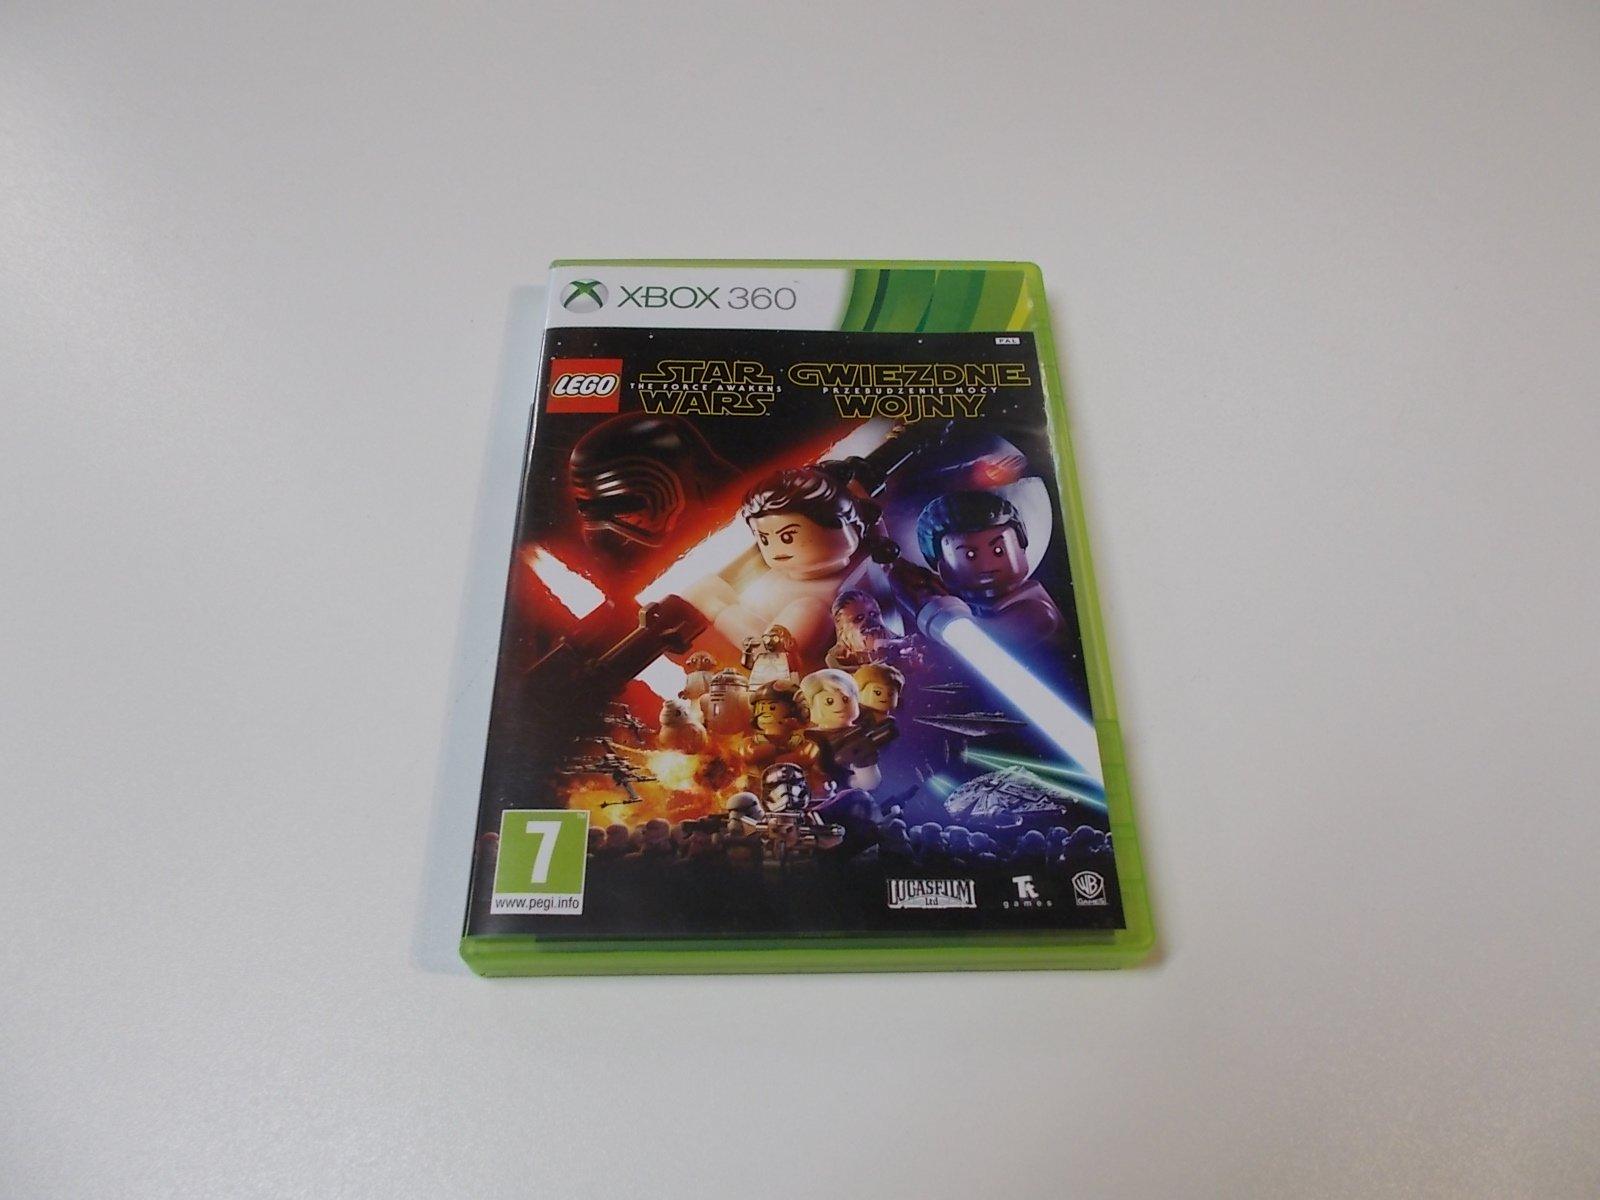 Lego Star Wars Przebudzenie Mocy - GRA Xbox 360 - Opole 0487